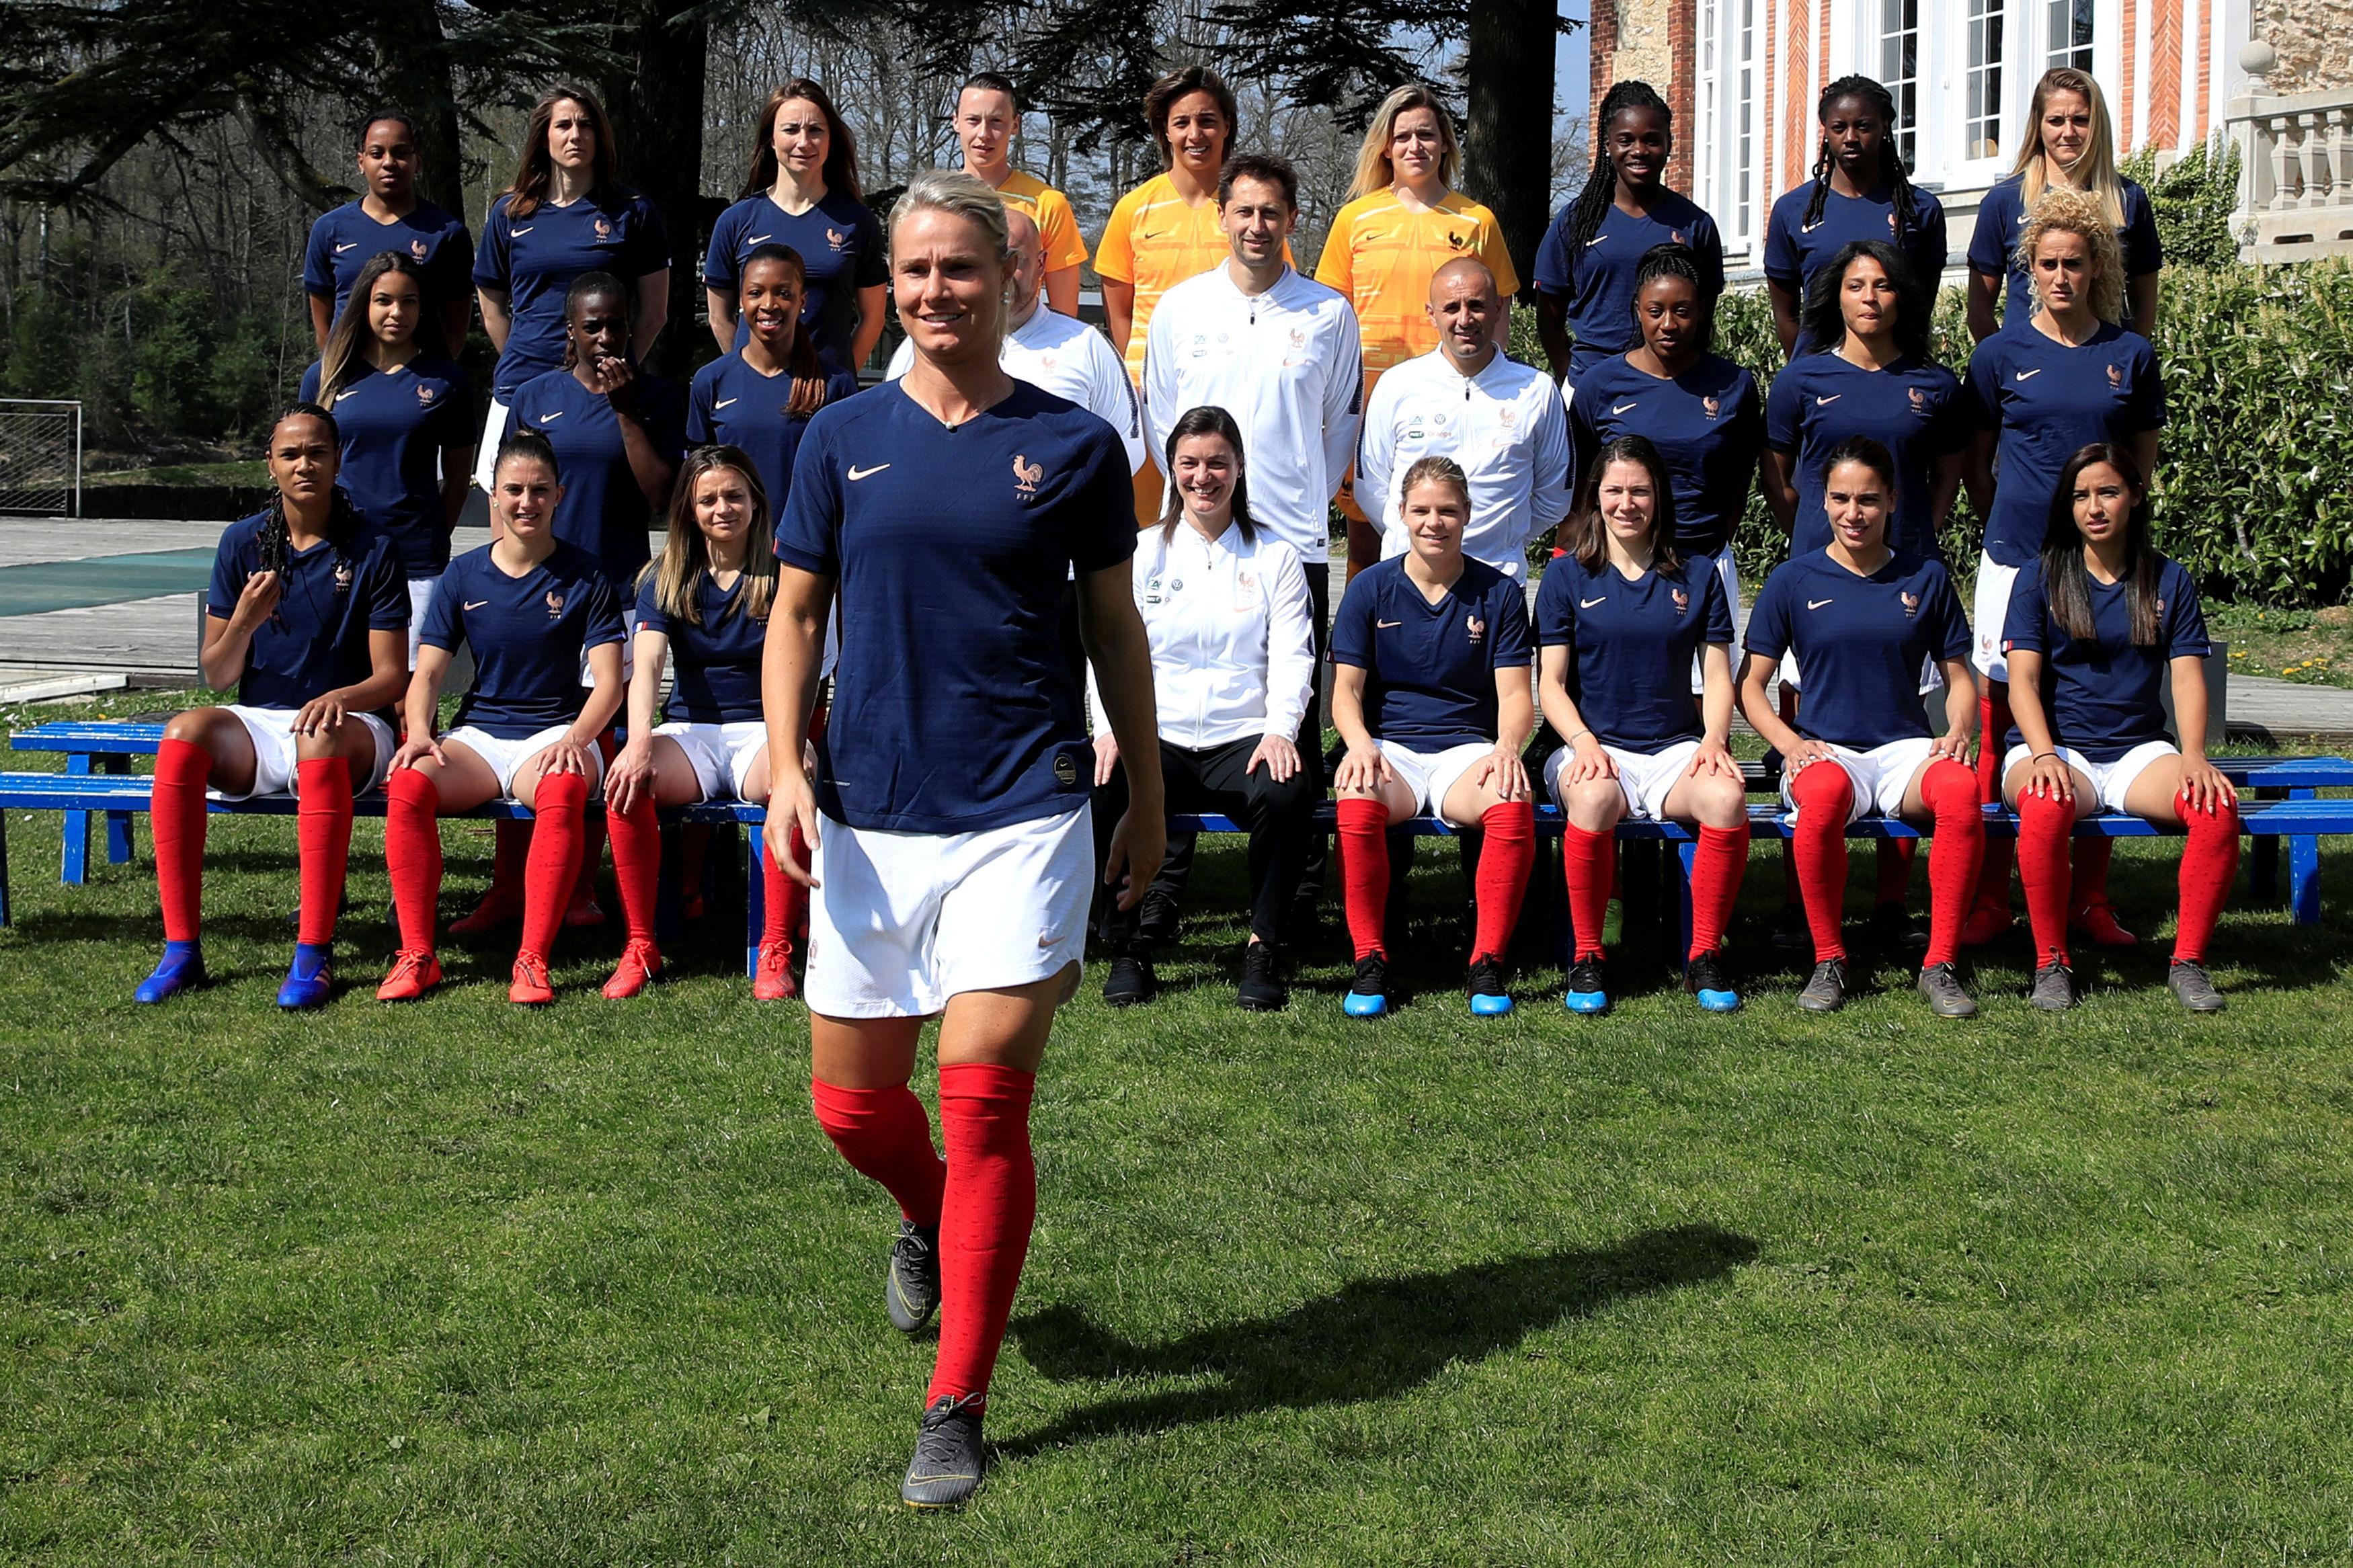 Foto da seleção francesa feminina, com a jogadora Amandine Henry à frente